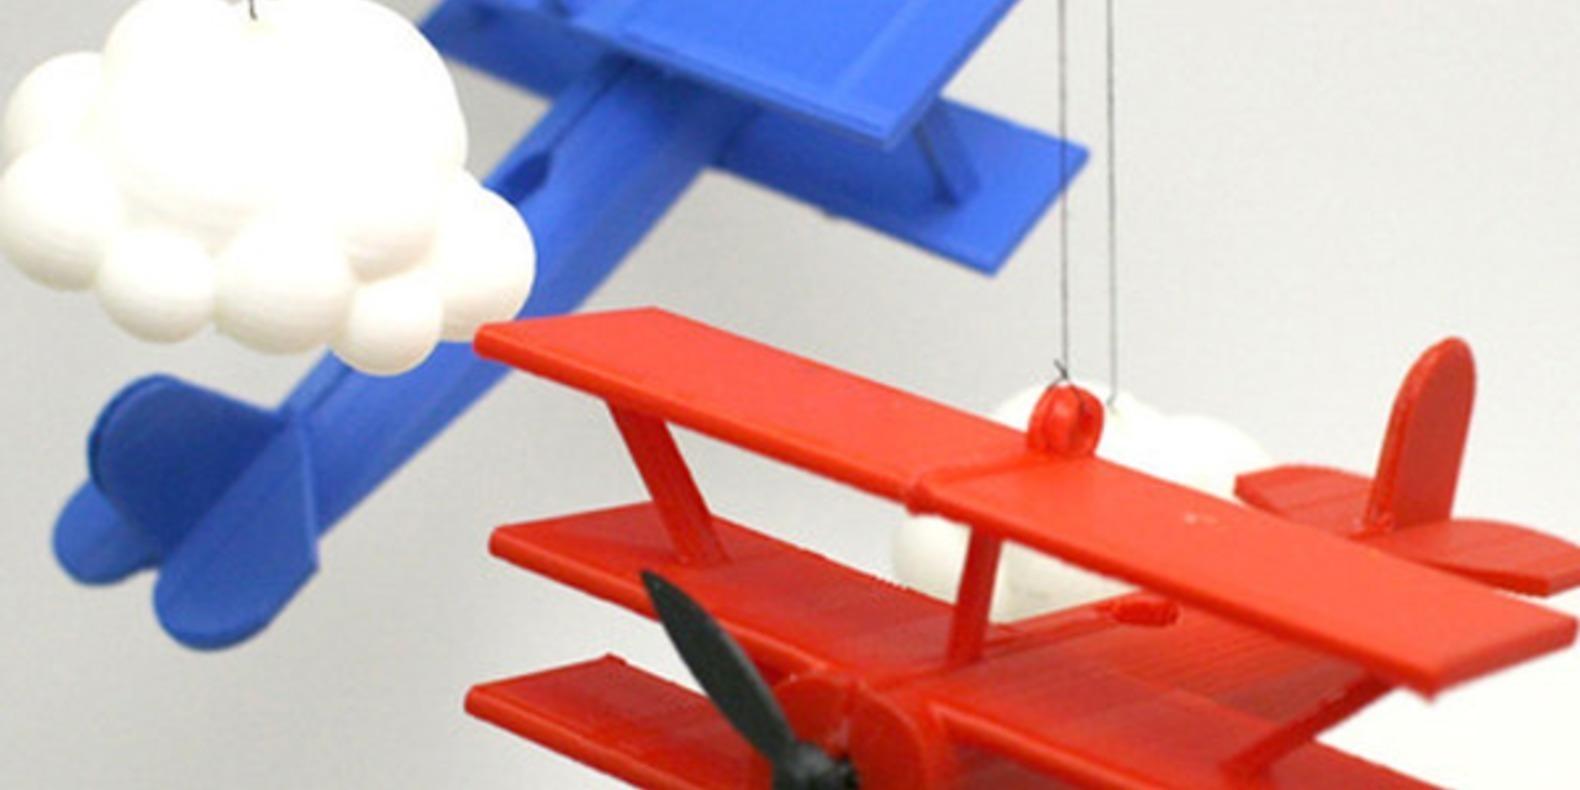 9.Mobiles_Avion-XYZWorkshop jouets imprimés en 3D